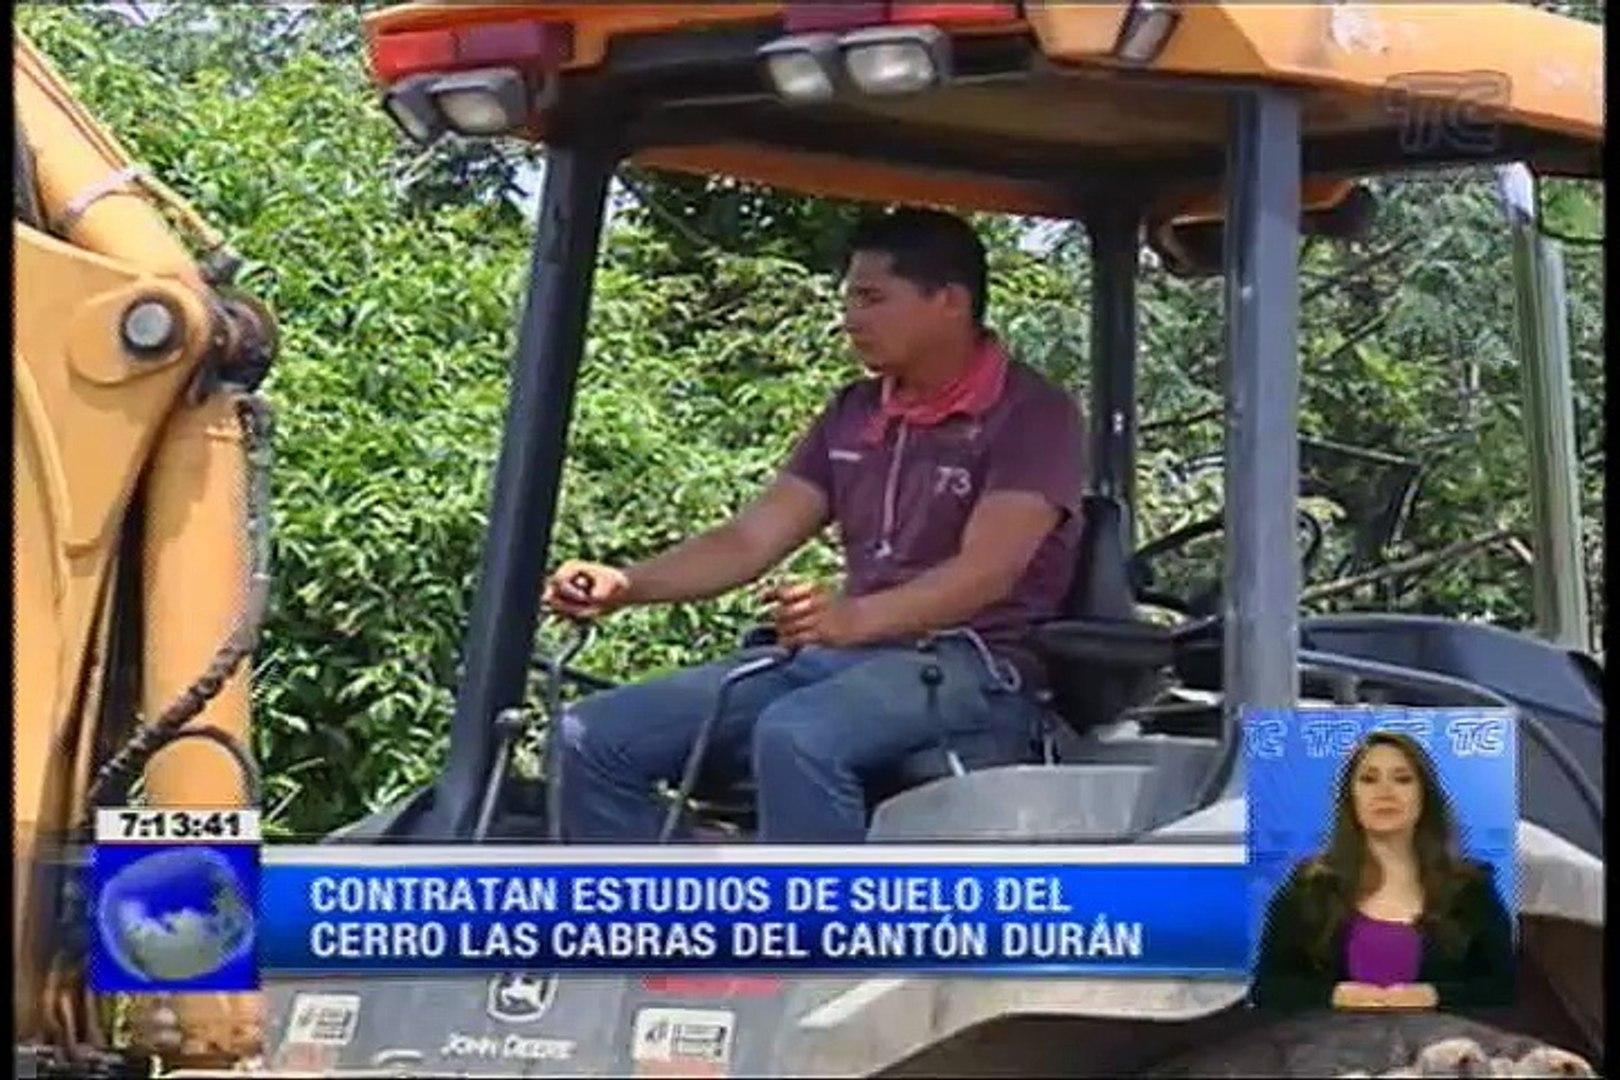 Contratan estudios de suelo del cerro Las Cabras del cantón Durán